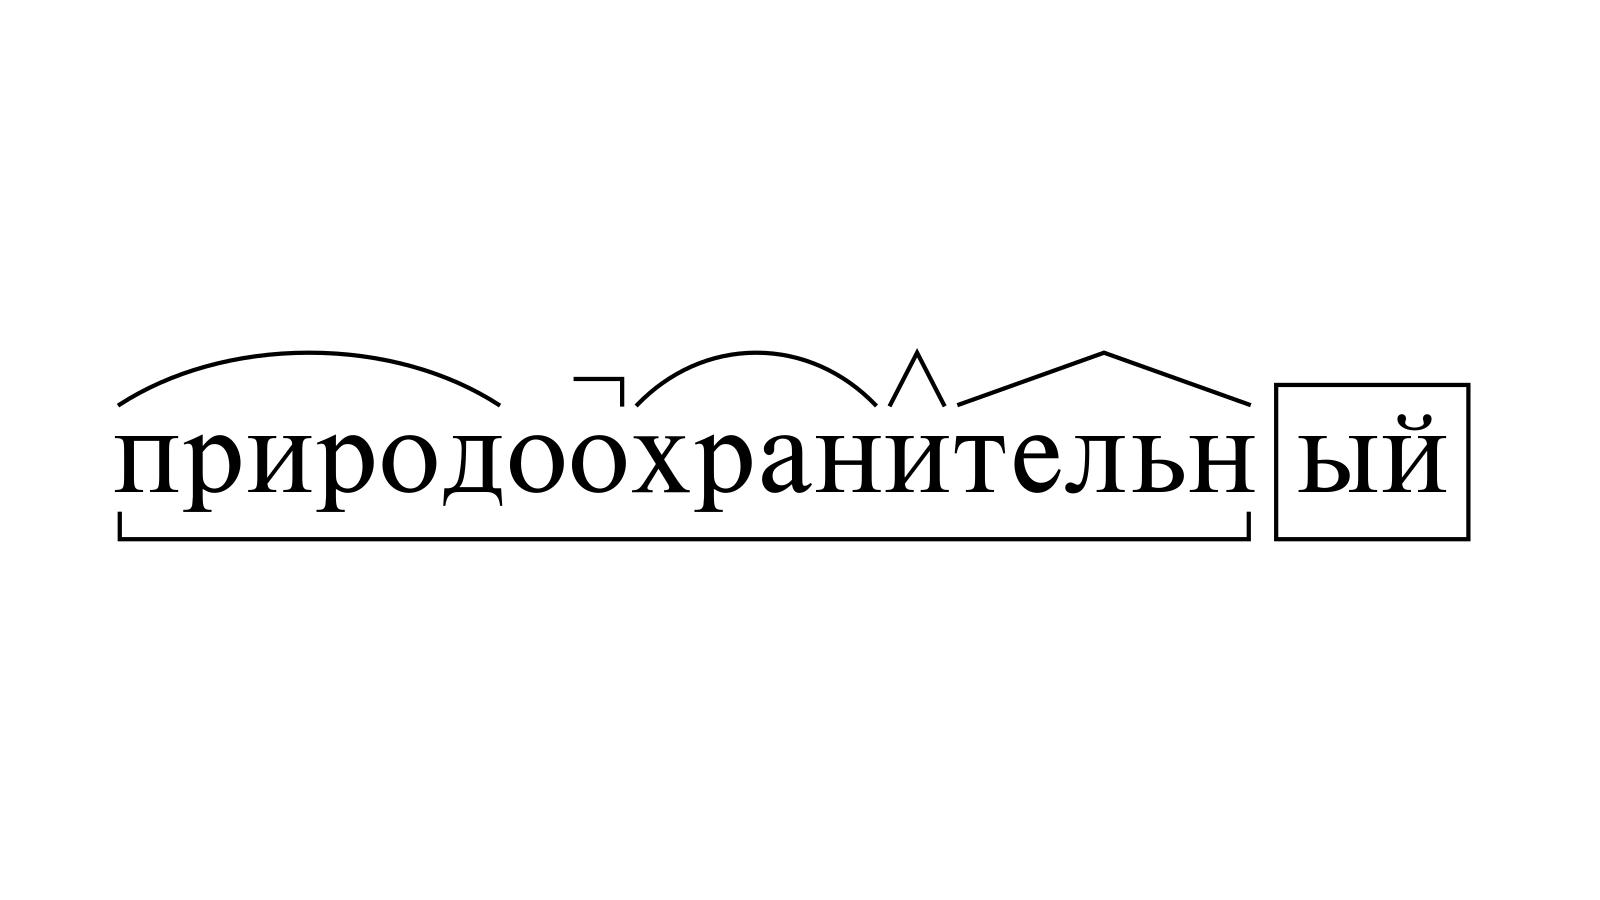 Разбор слова «природоохранительный» по составу